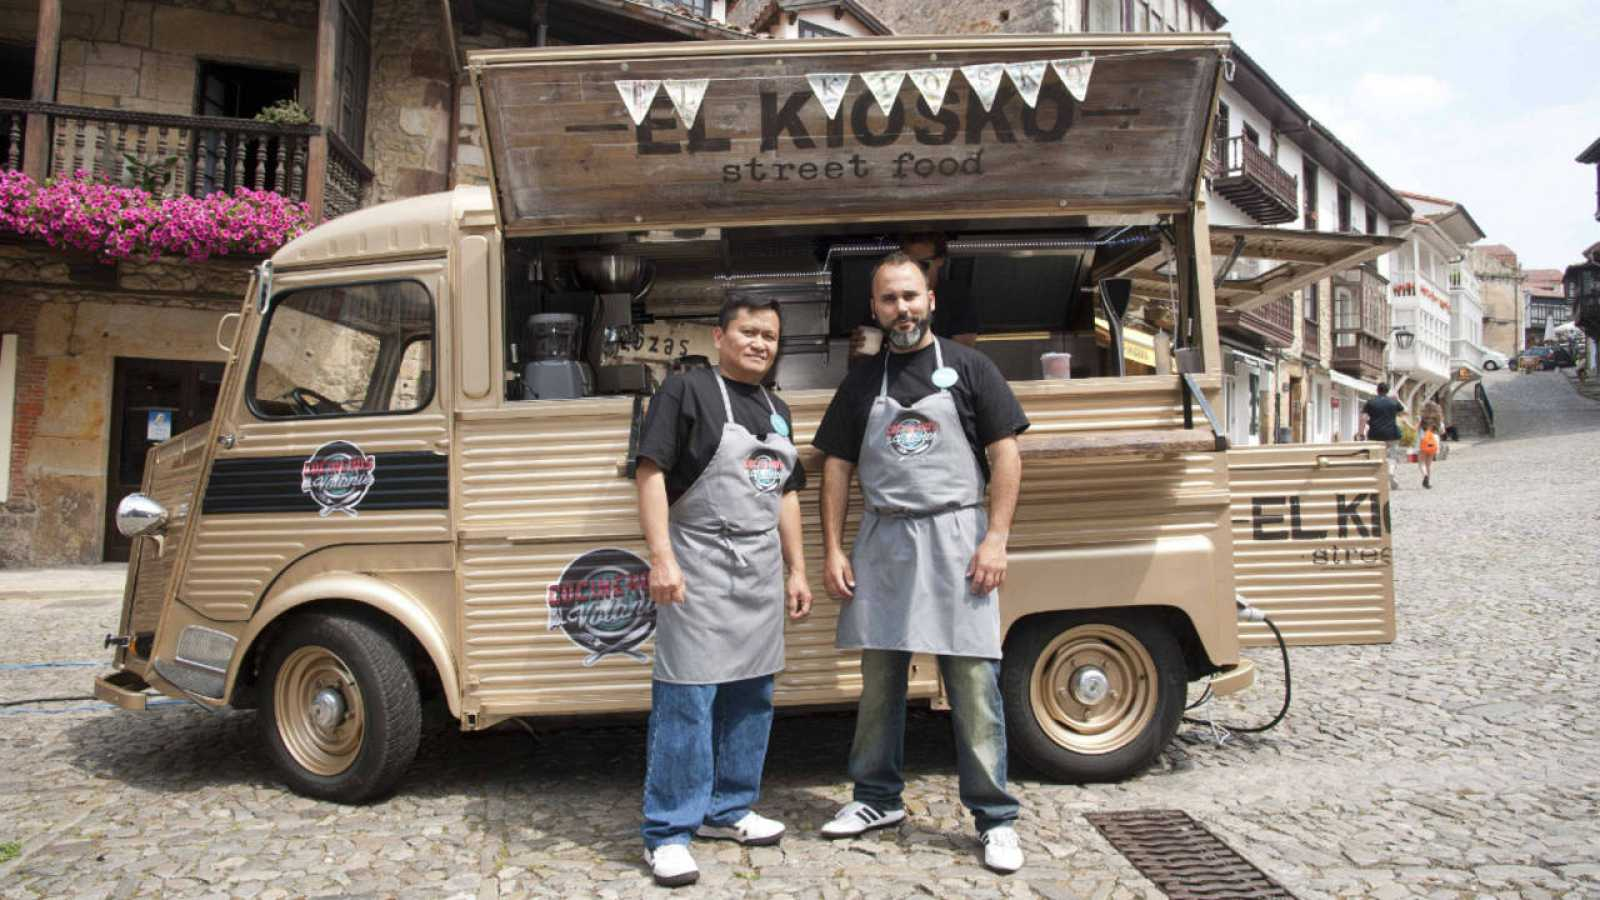 Gonzalo Martín y Ariel Supangan, 'El Kiosko'